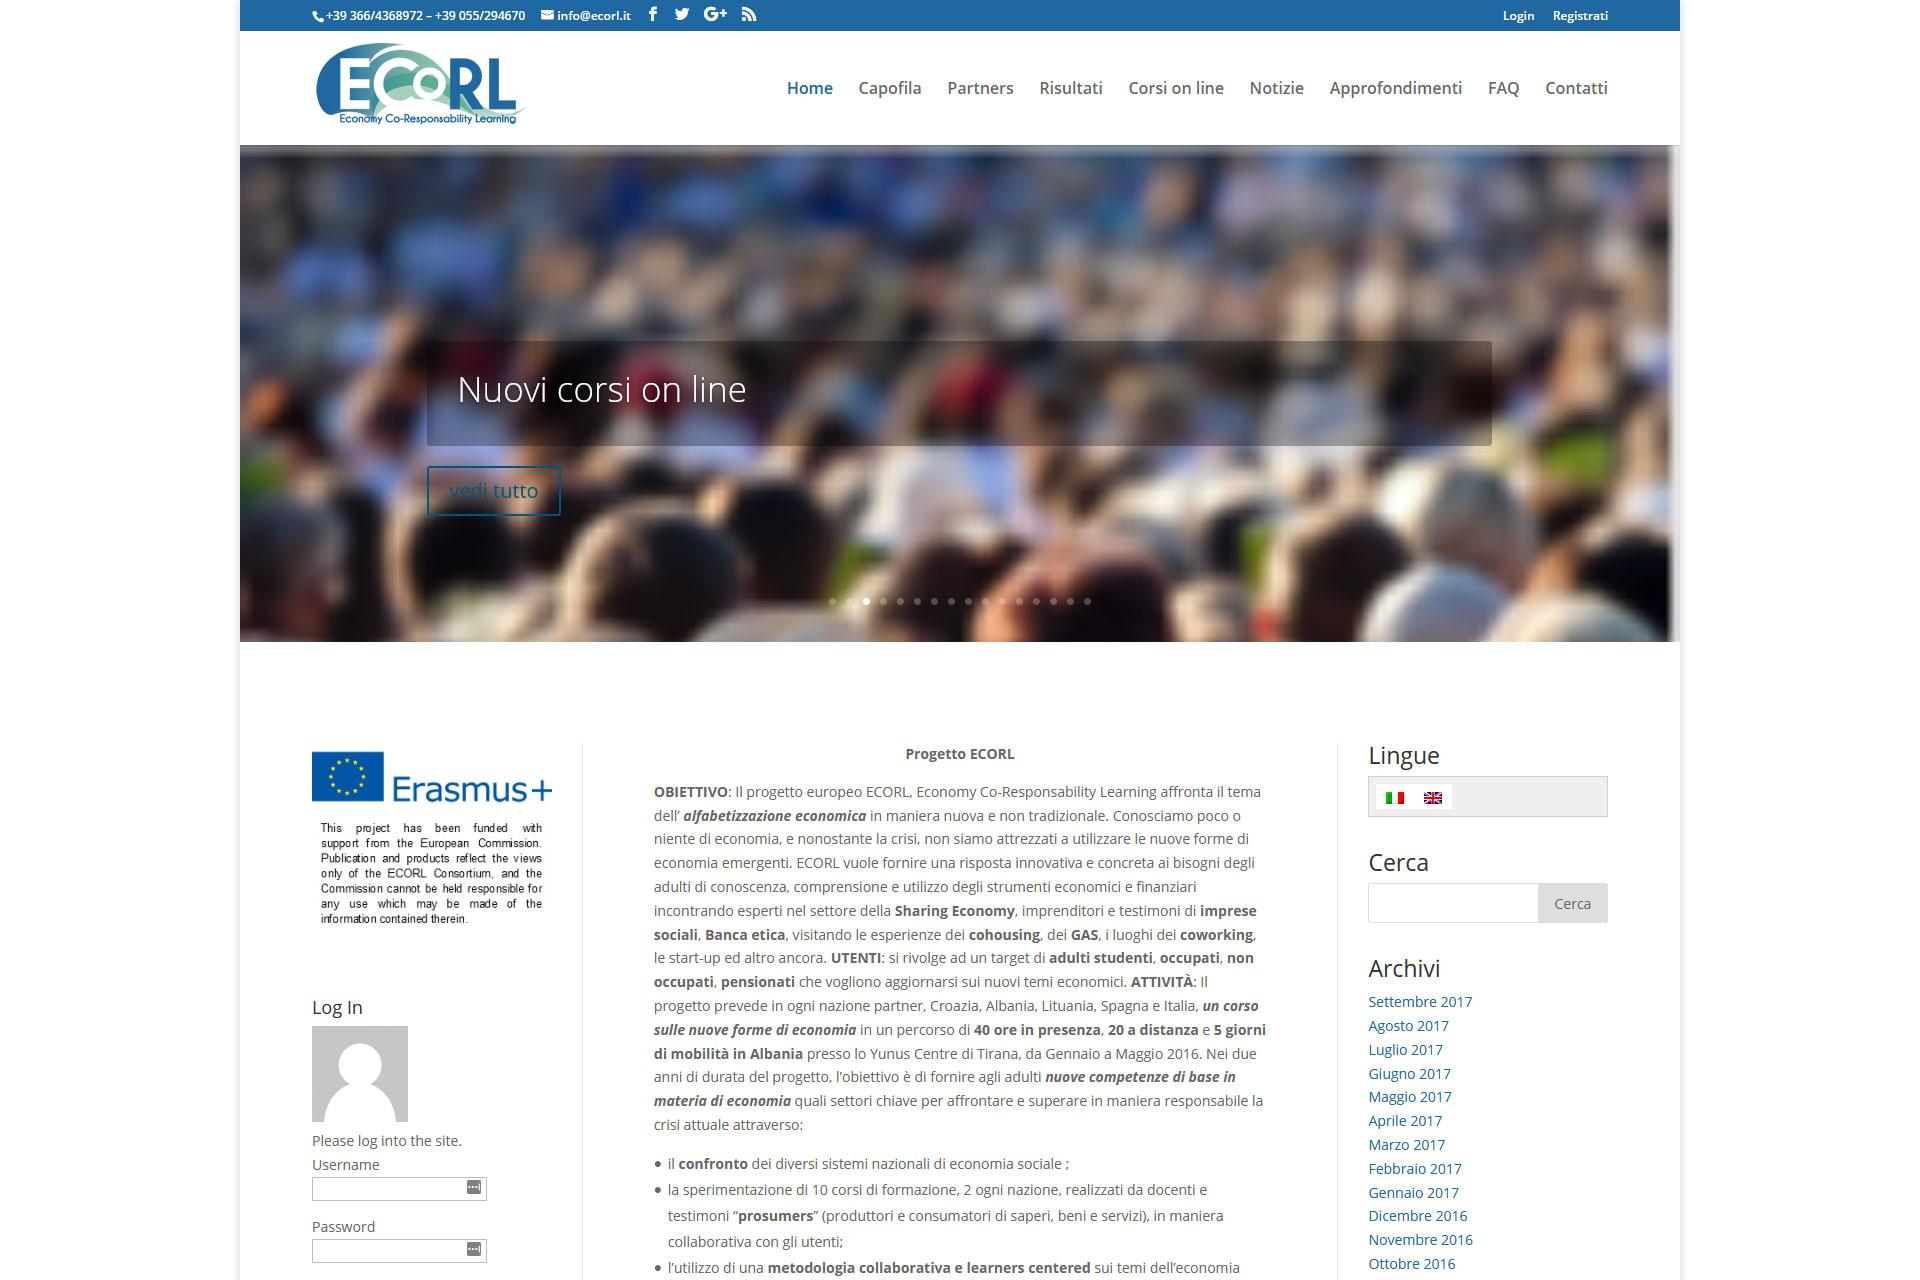 lv-design-realizzazione-siti-web-bologna-portfolio-ecorl-slide-1